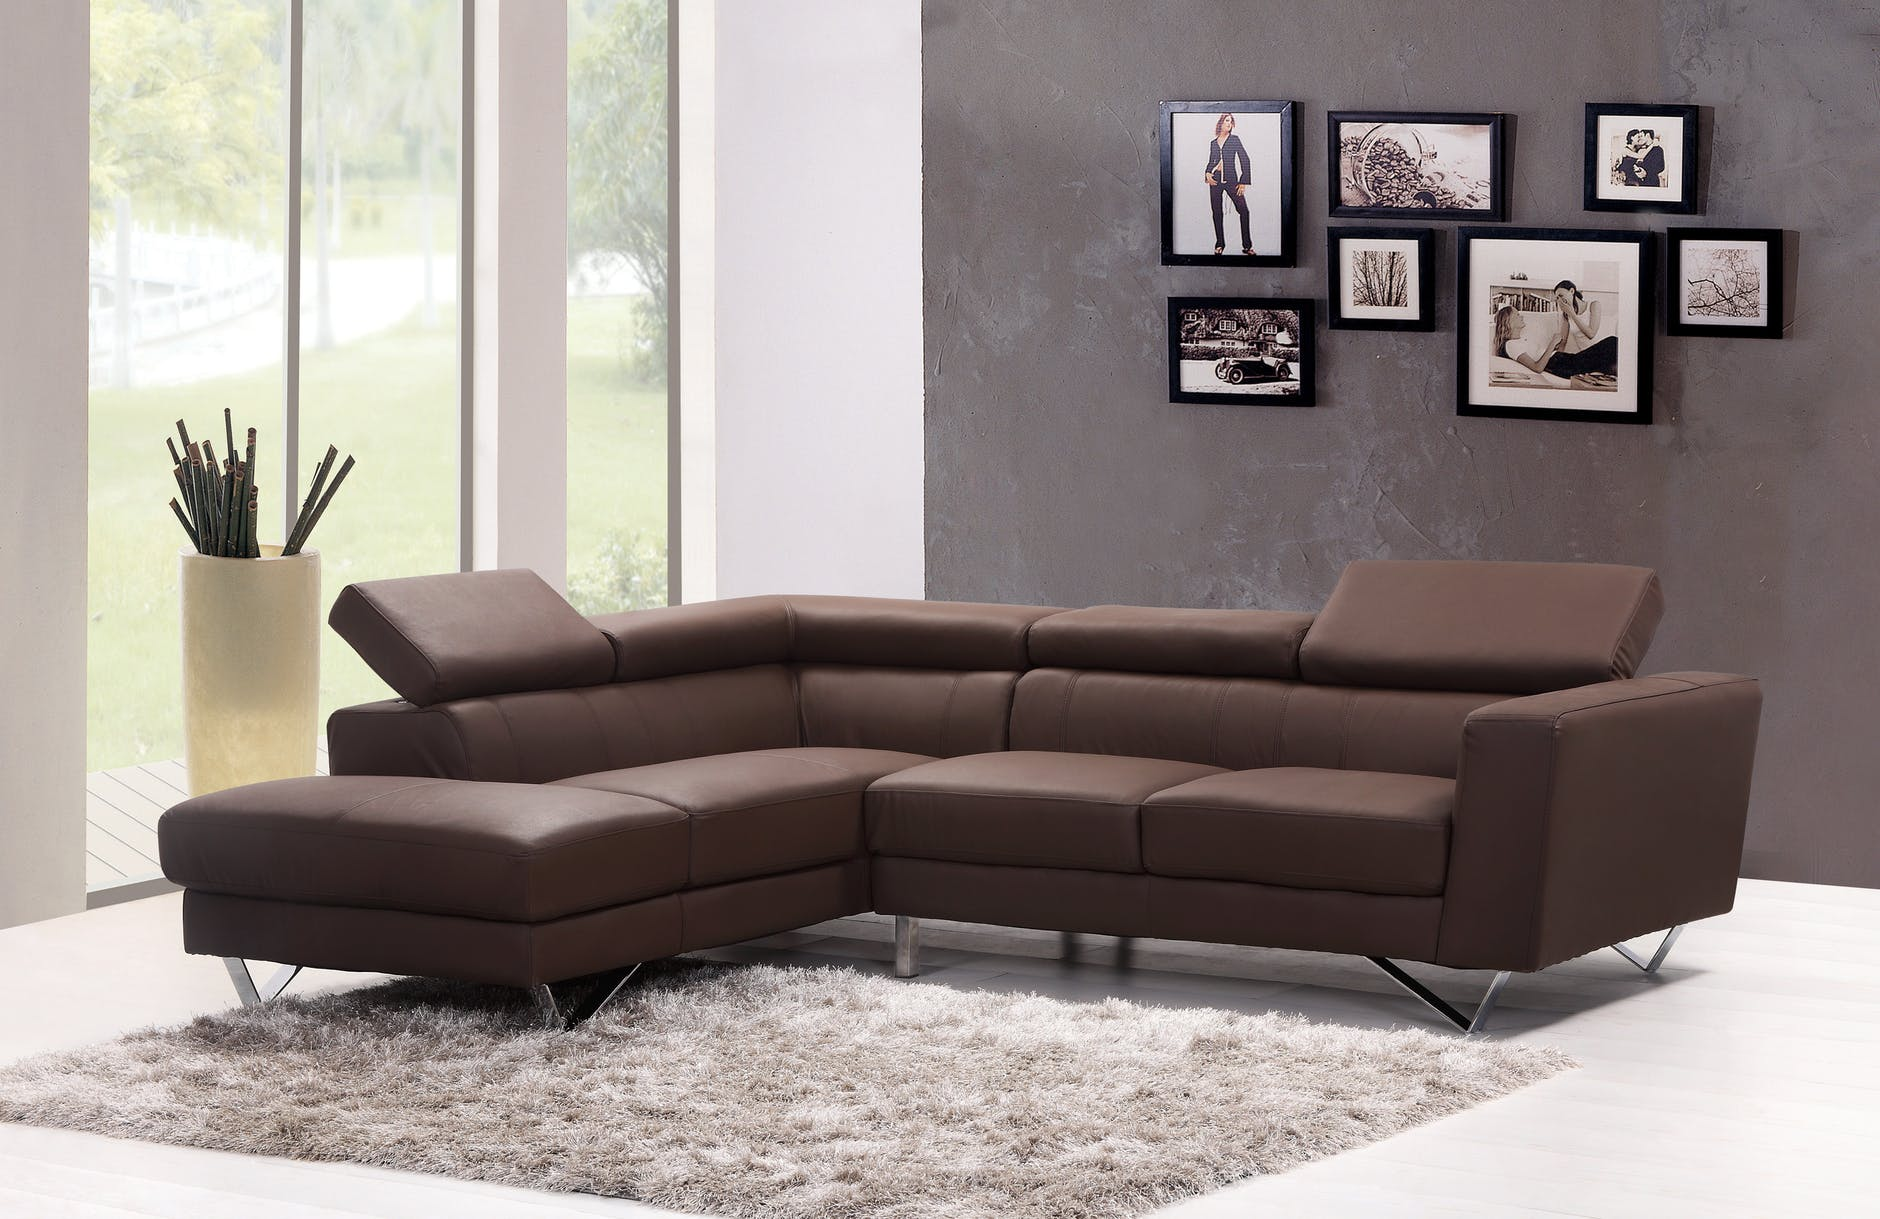 Uma sala confortável